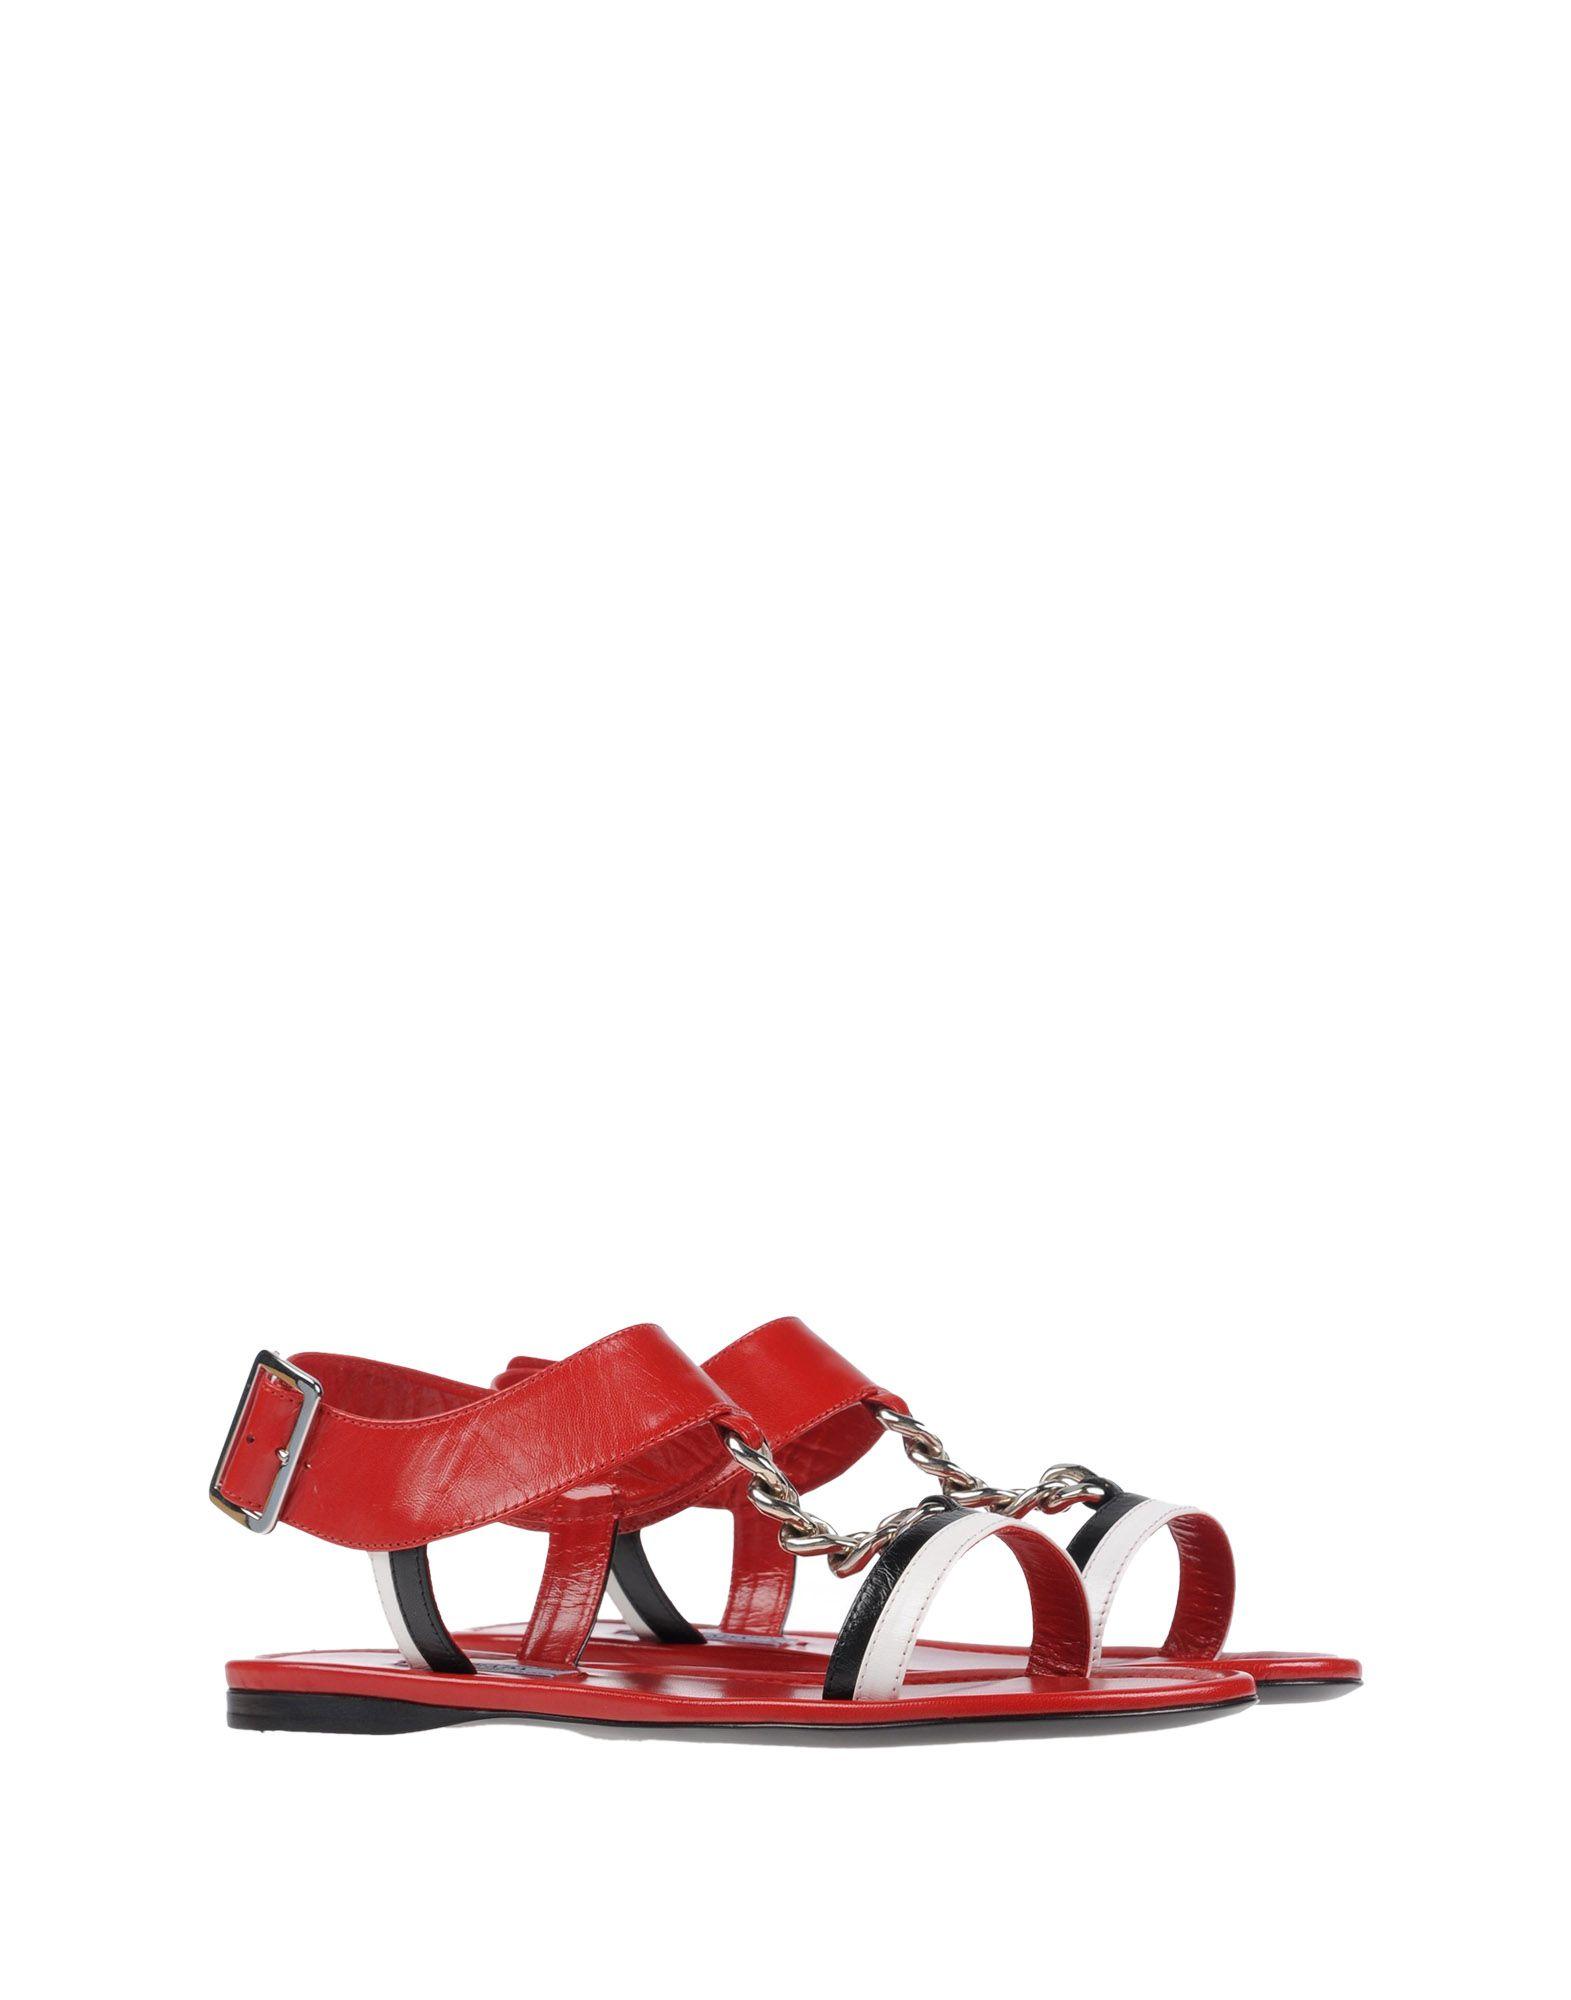 Rabatt Prada Schuhe Prada Rabatt Sandalen Damen  11153940WH 49e53b